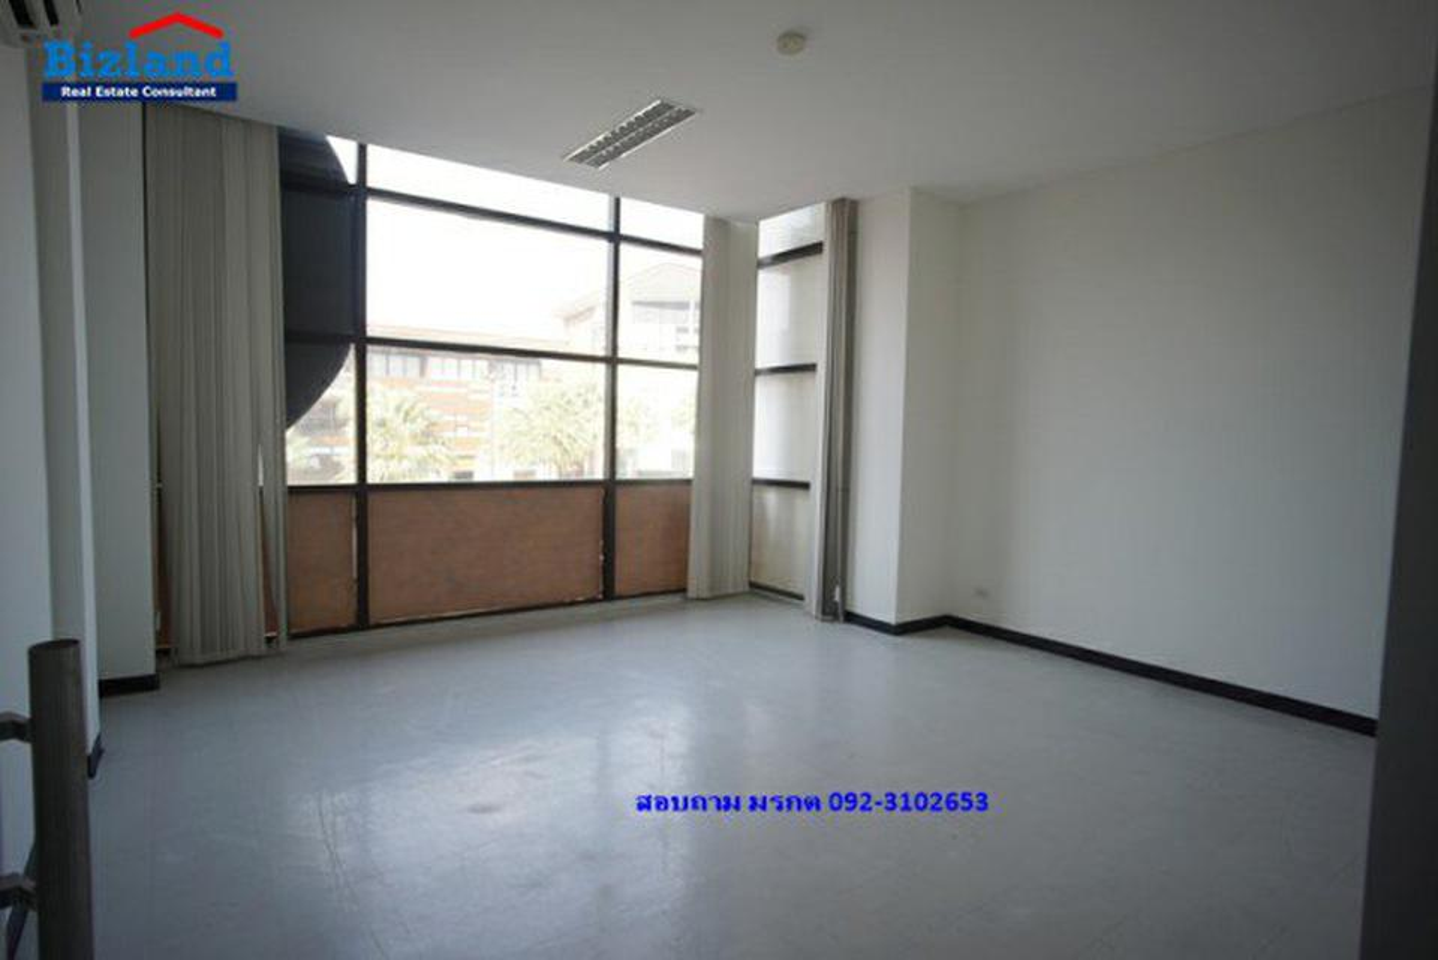 ขายอาคารพาณิชย์ 2 คูหา 3ชั้น เมืองทางธานี  รูปที่ 3